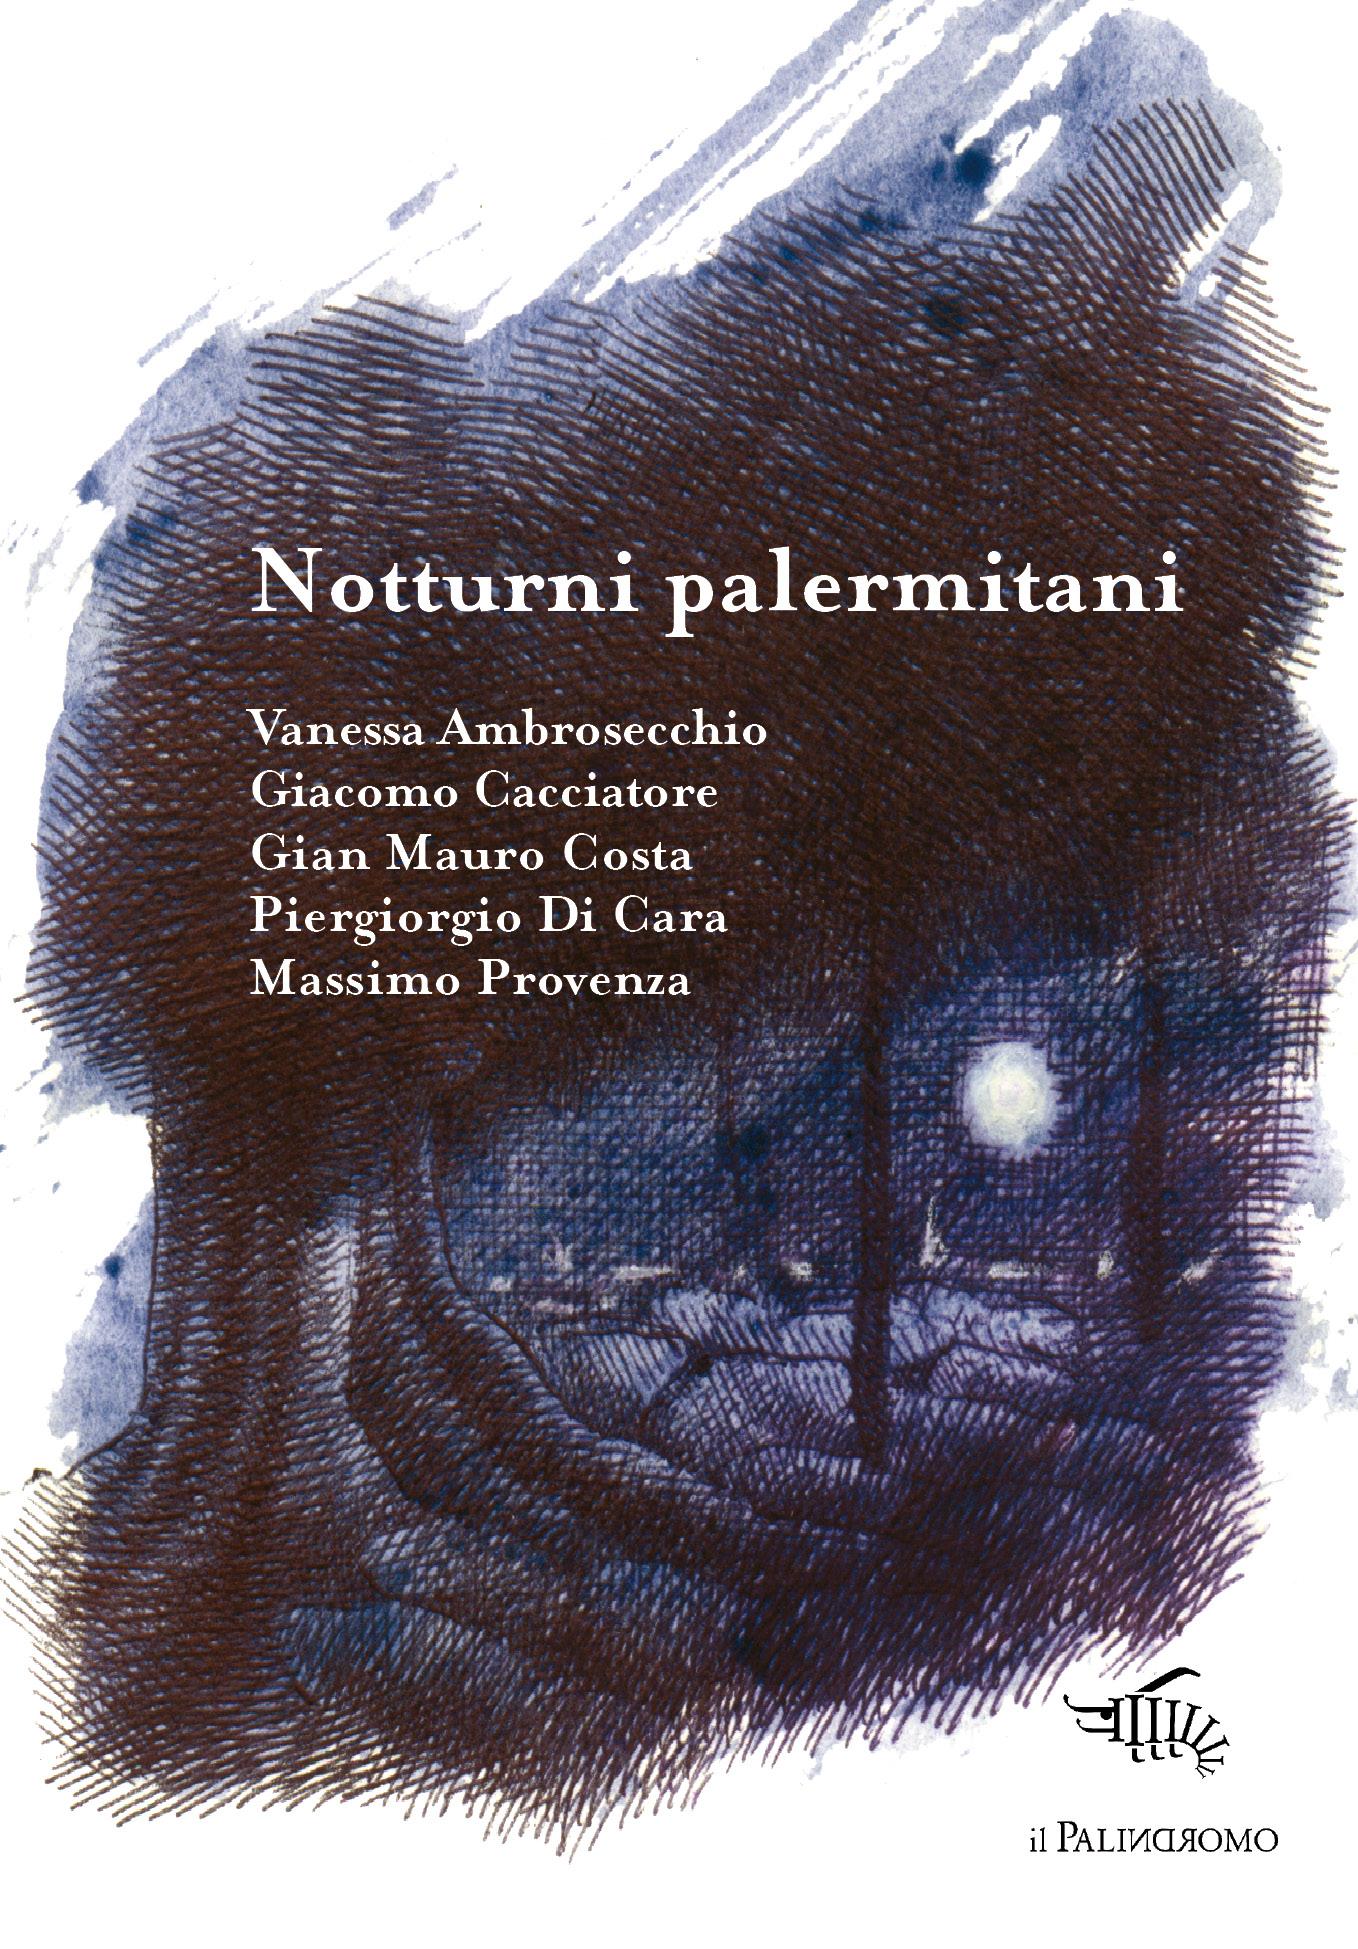 Autori: Vanessa Ambrosecchio, Giacomo Cacciatore, Gian Mauro Costa, Piergiorgio Di Cara, Massimo Provenza